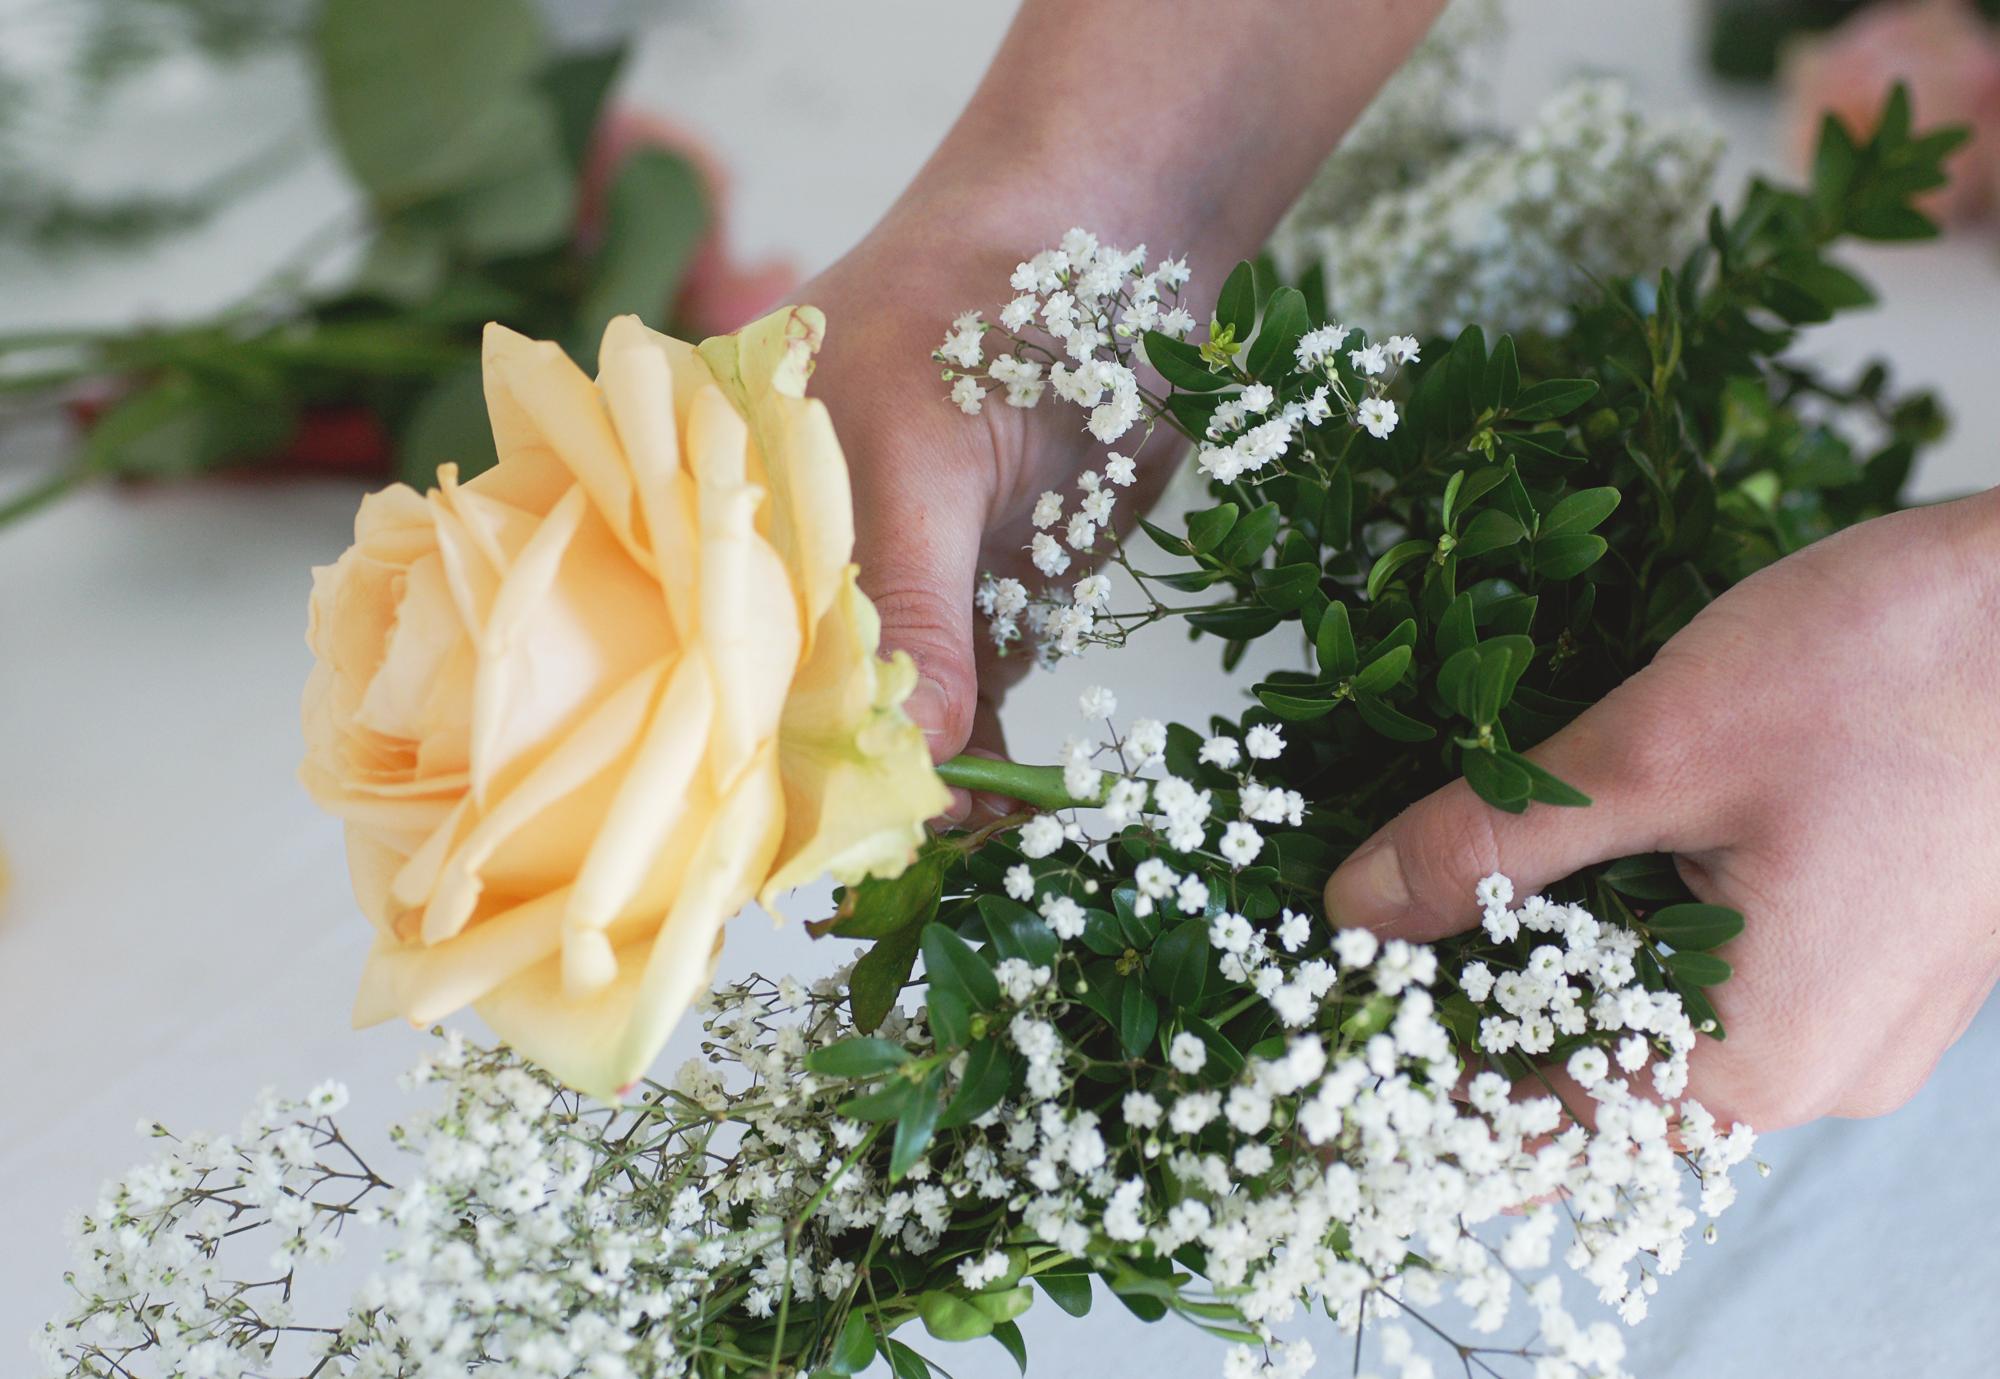 Stuhlgirlanden selber binden - Blumen einarbeiten